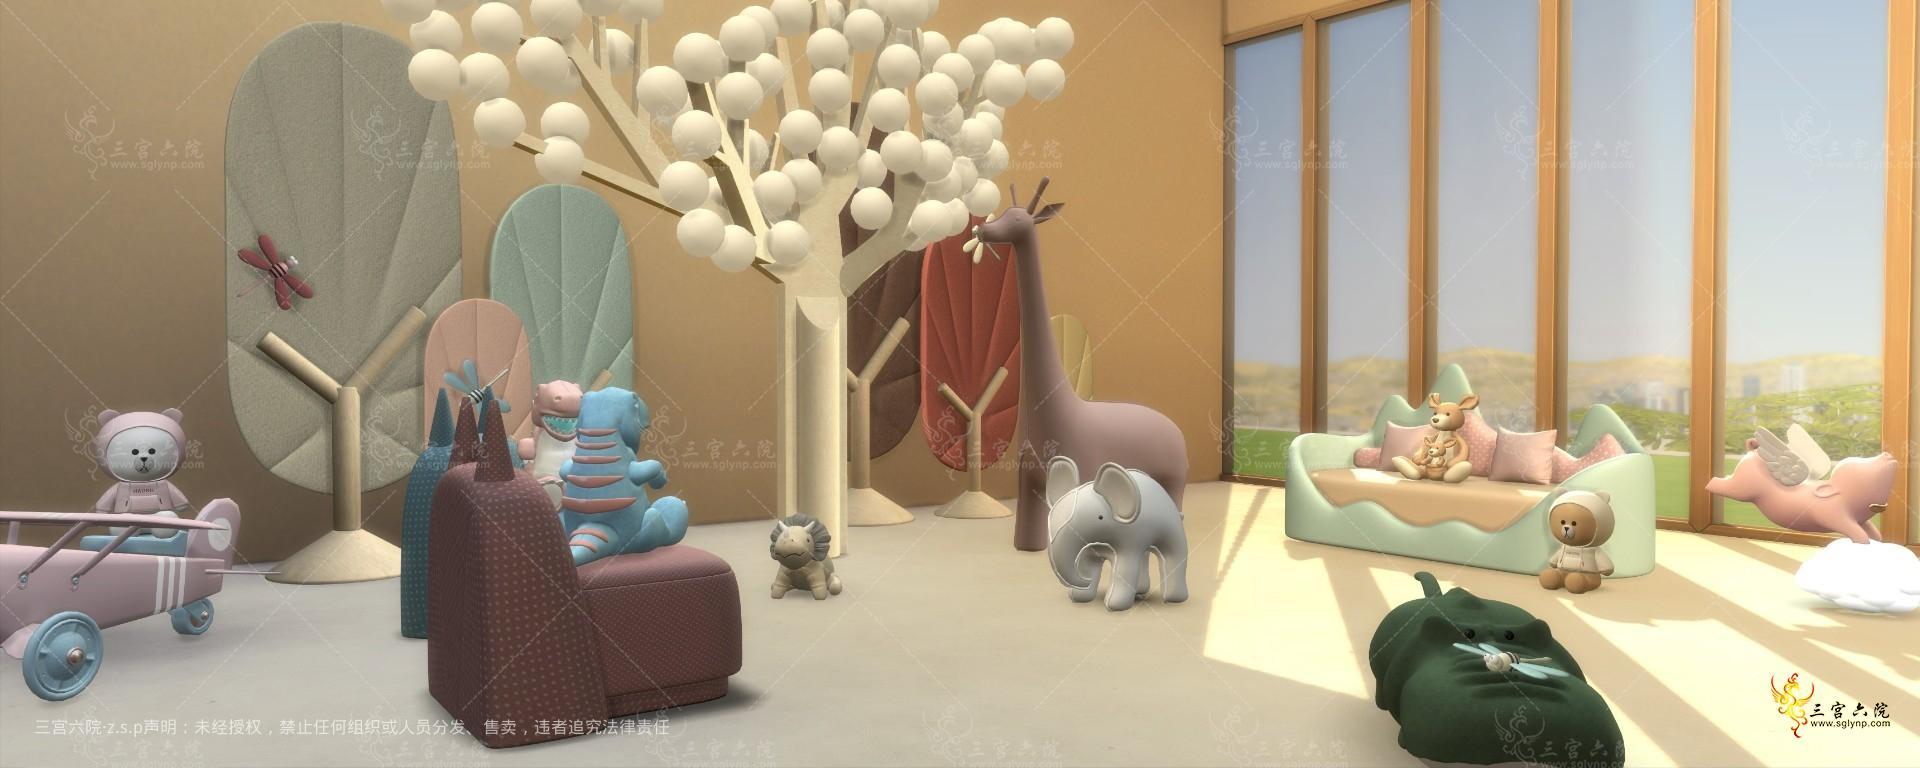 儿童乐园1.jpg